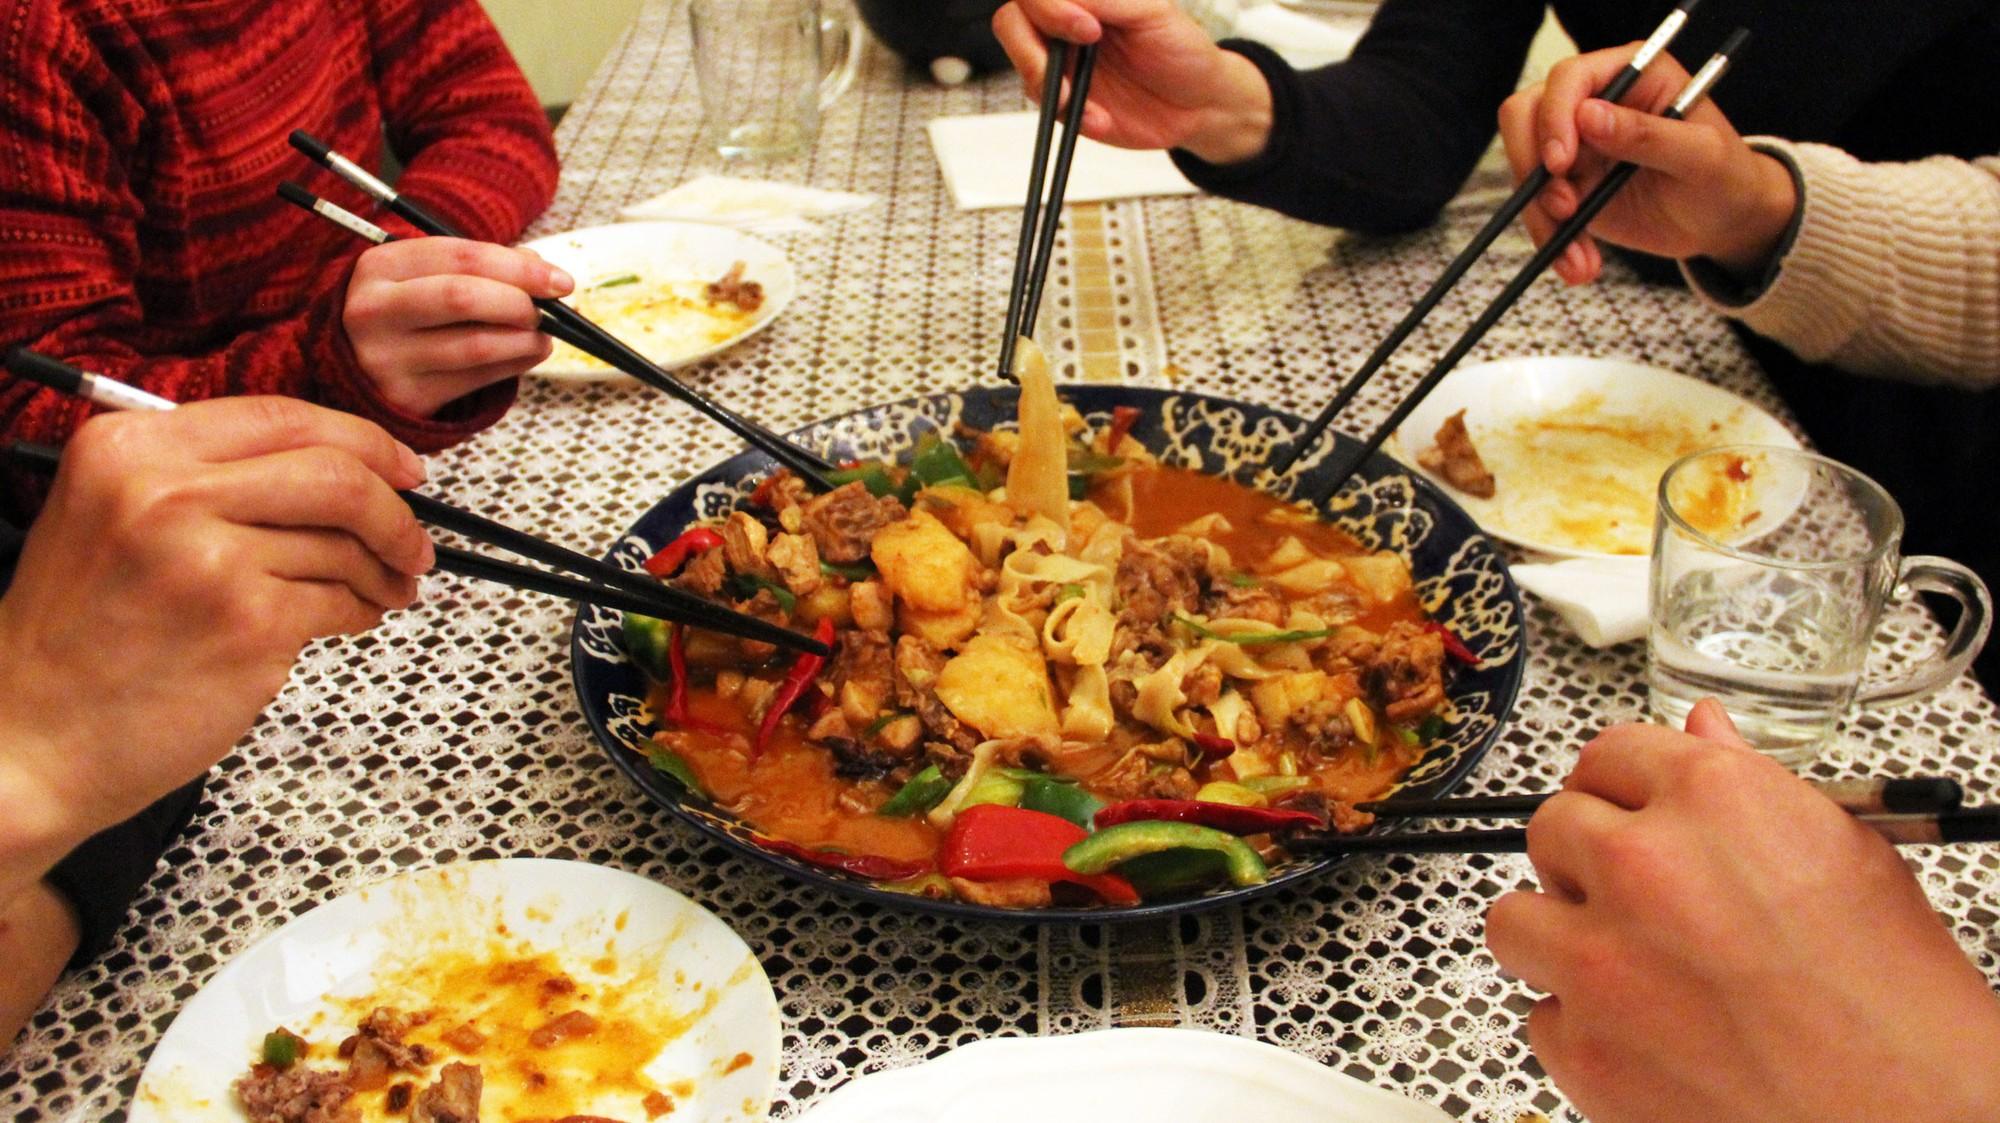 Meet the Former Teenage Asylum Seeker Bringing Uyghur Cuisine to The